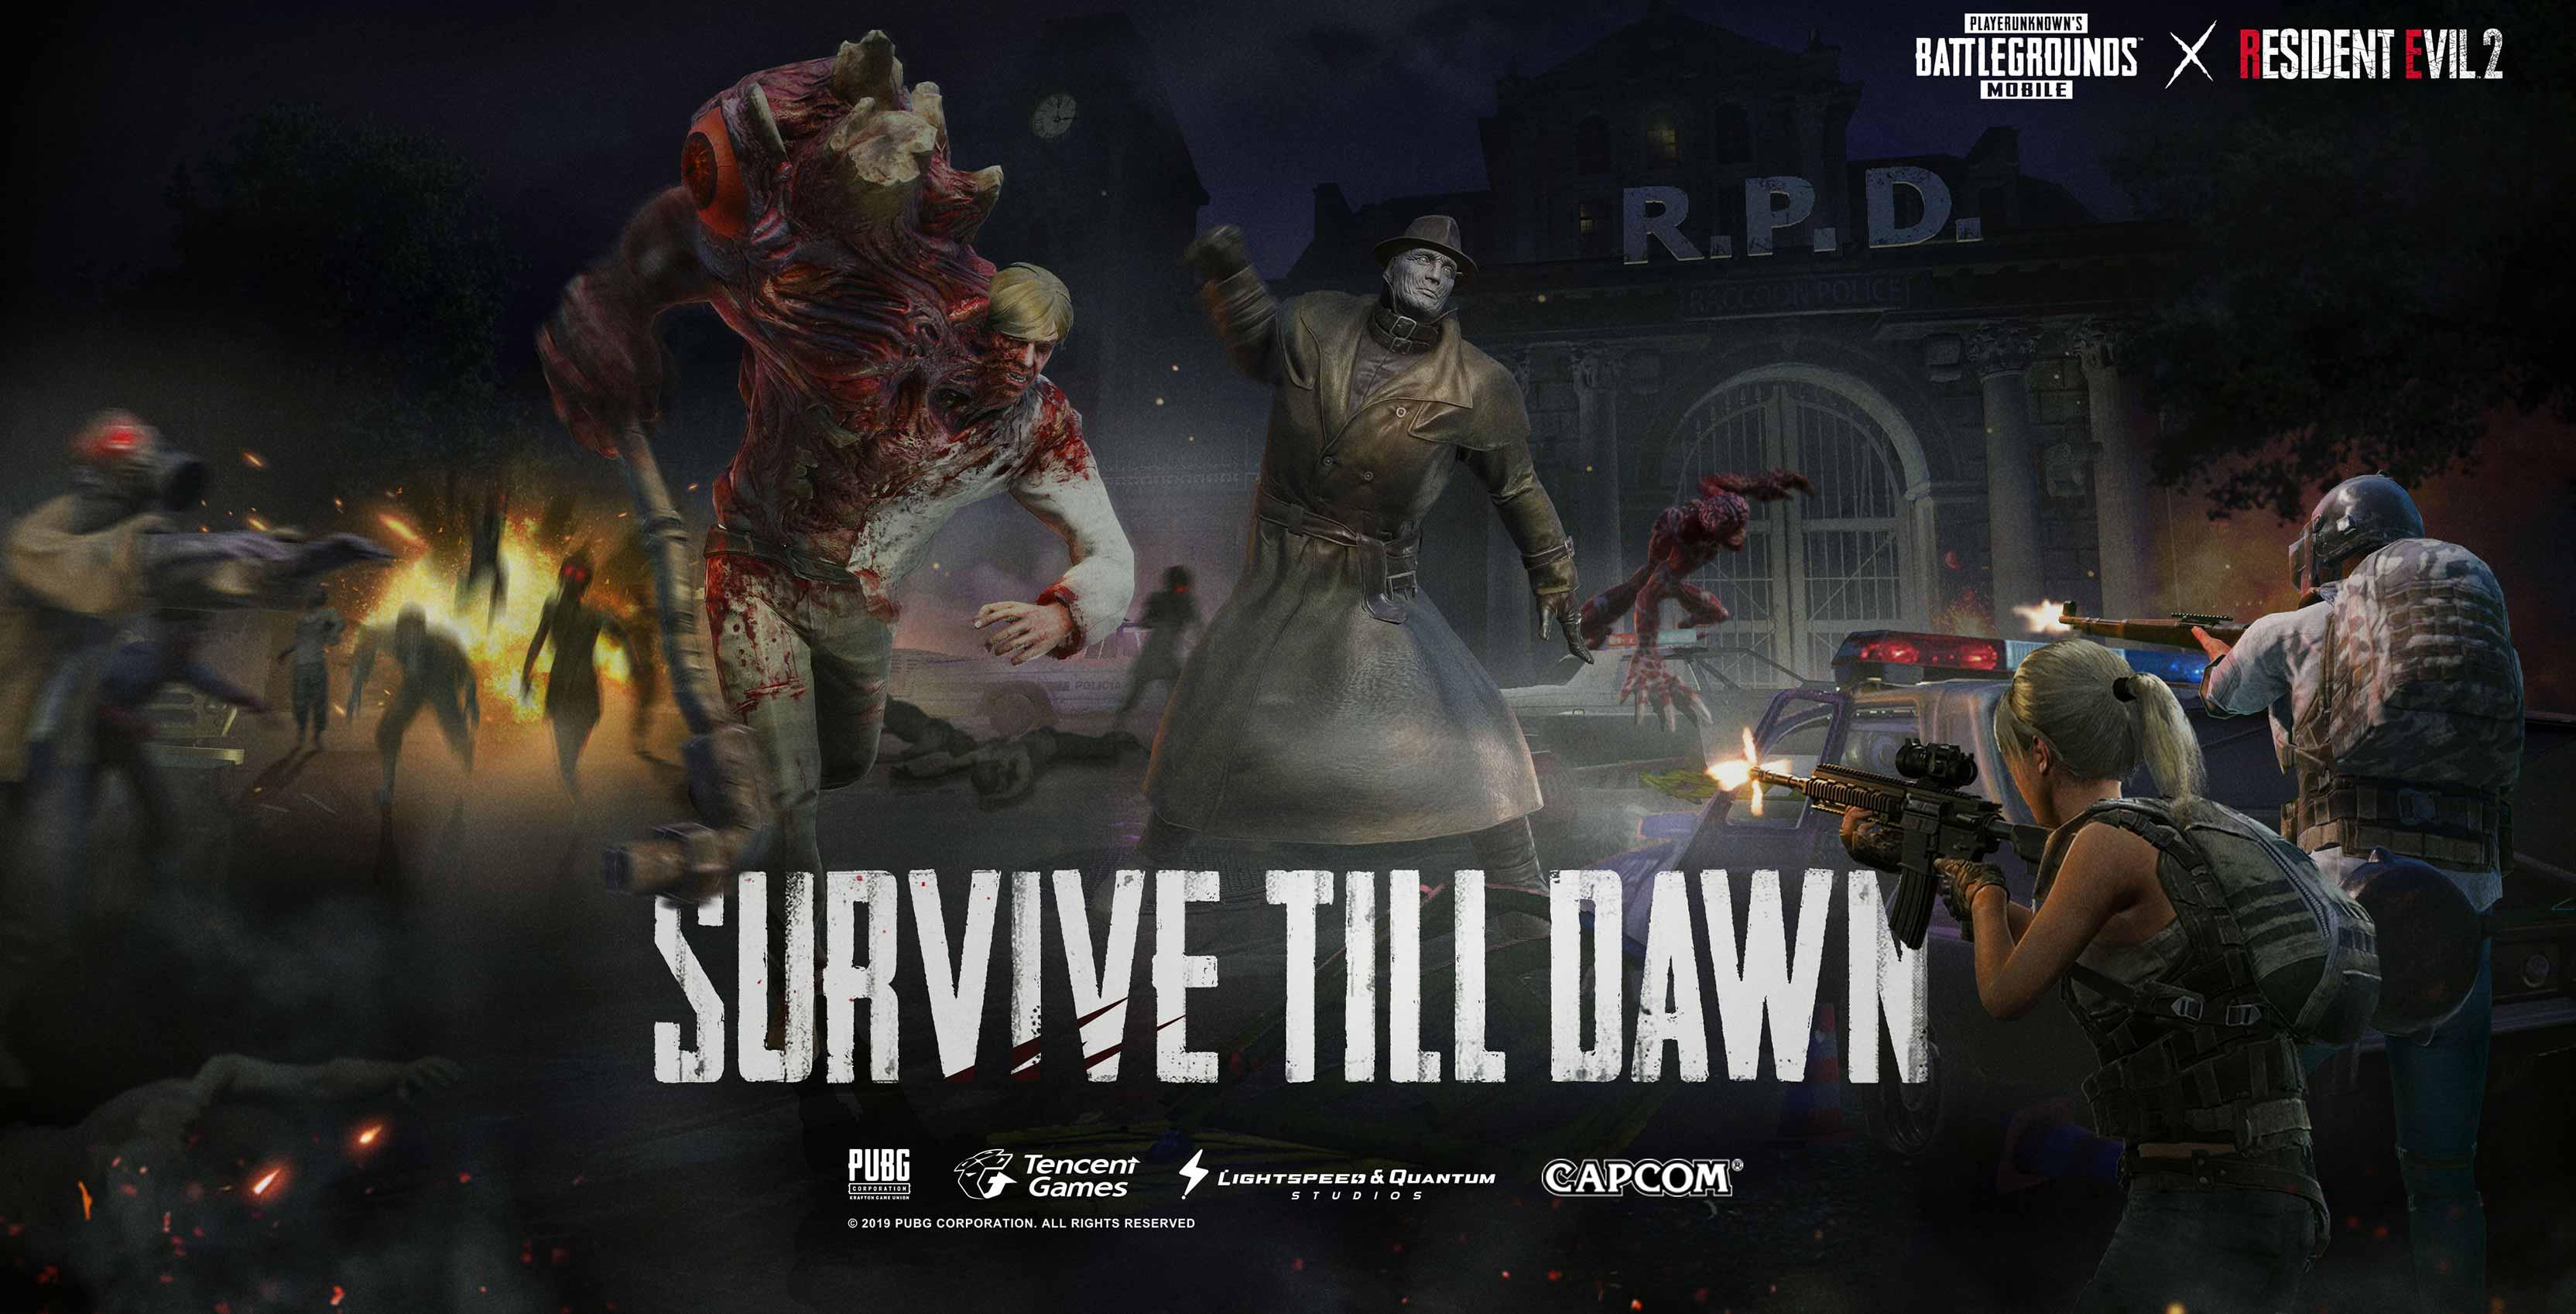 PUBG Mobile Resident Evil 2 crossover